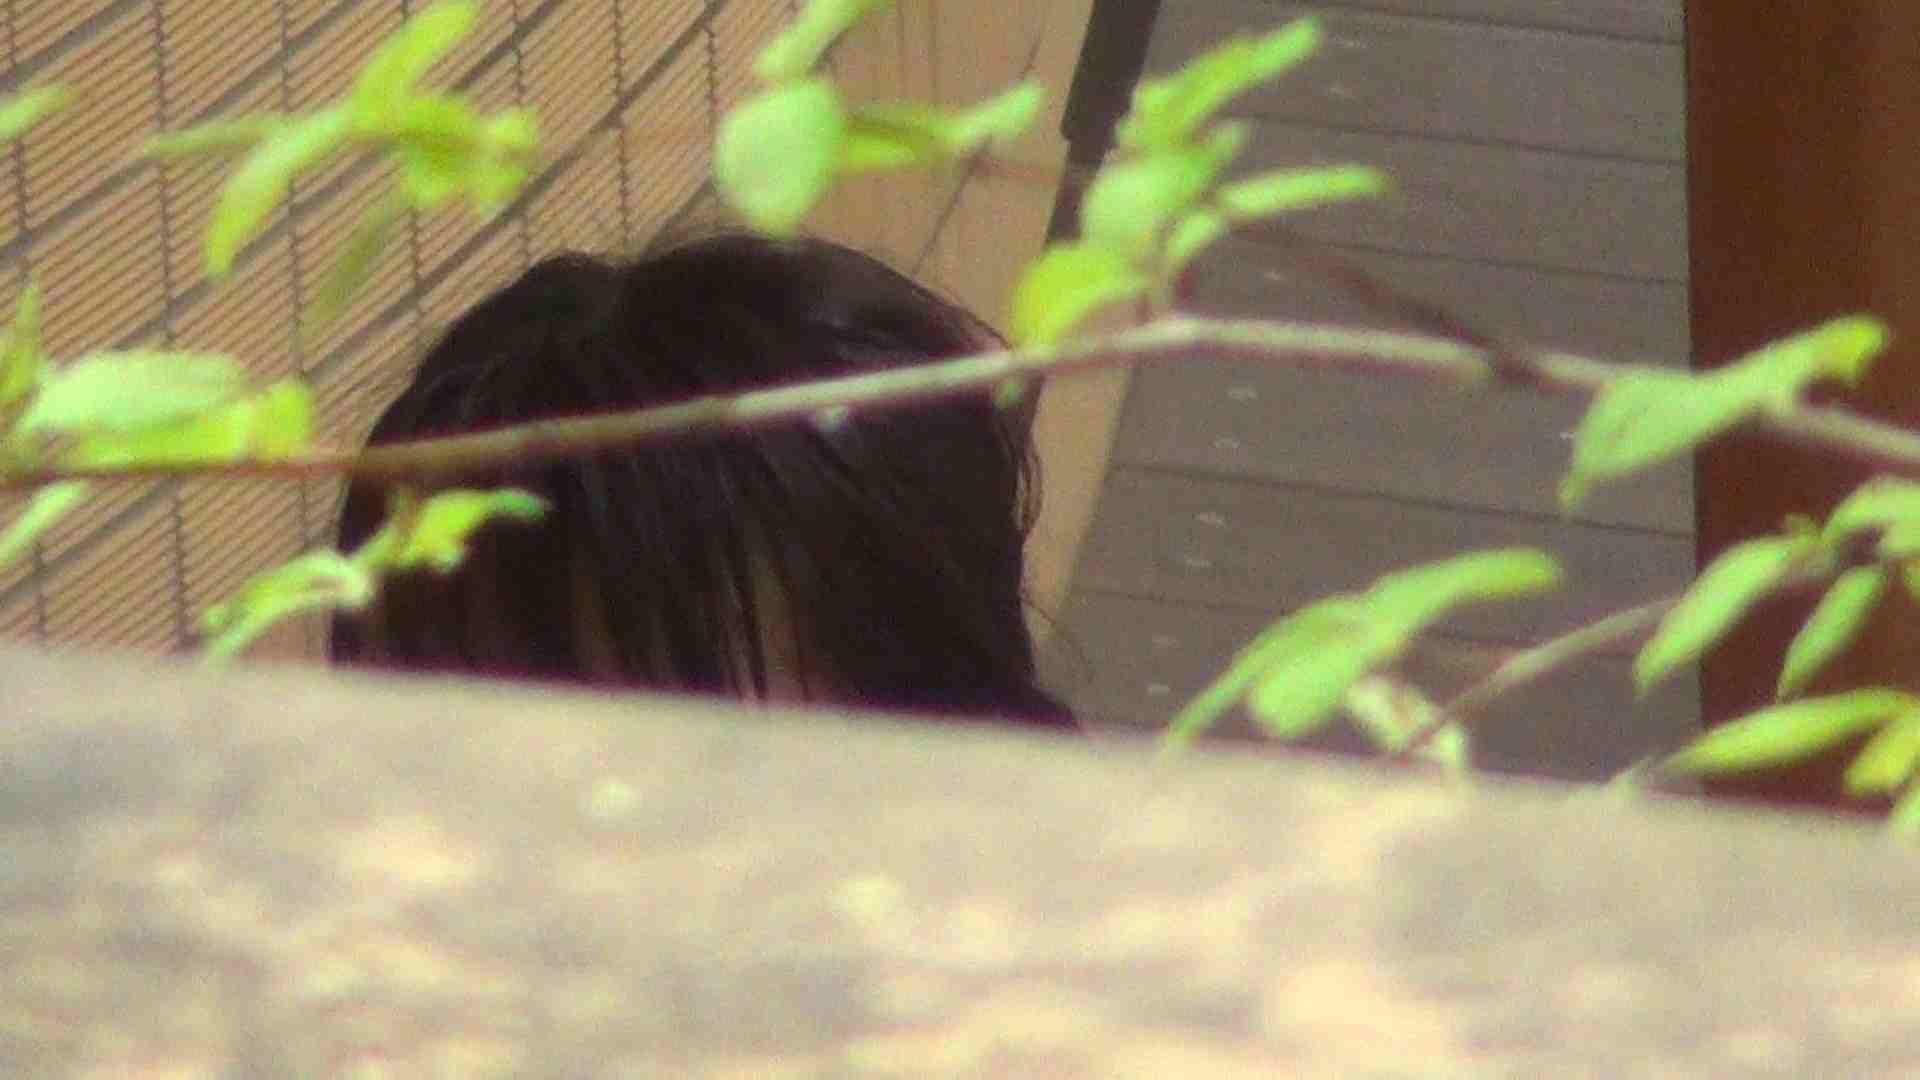 ハイビジョンVol.5 今回の女子会は三人で お尻のアップに注目! 美女 盗み撮りAV無料動画キャプチャ 51pic 26